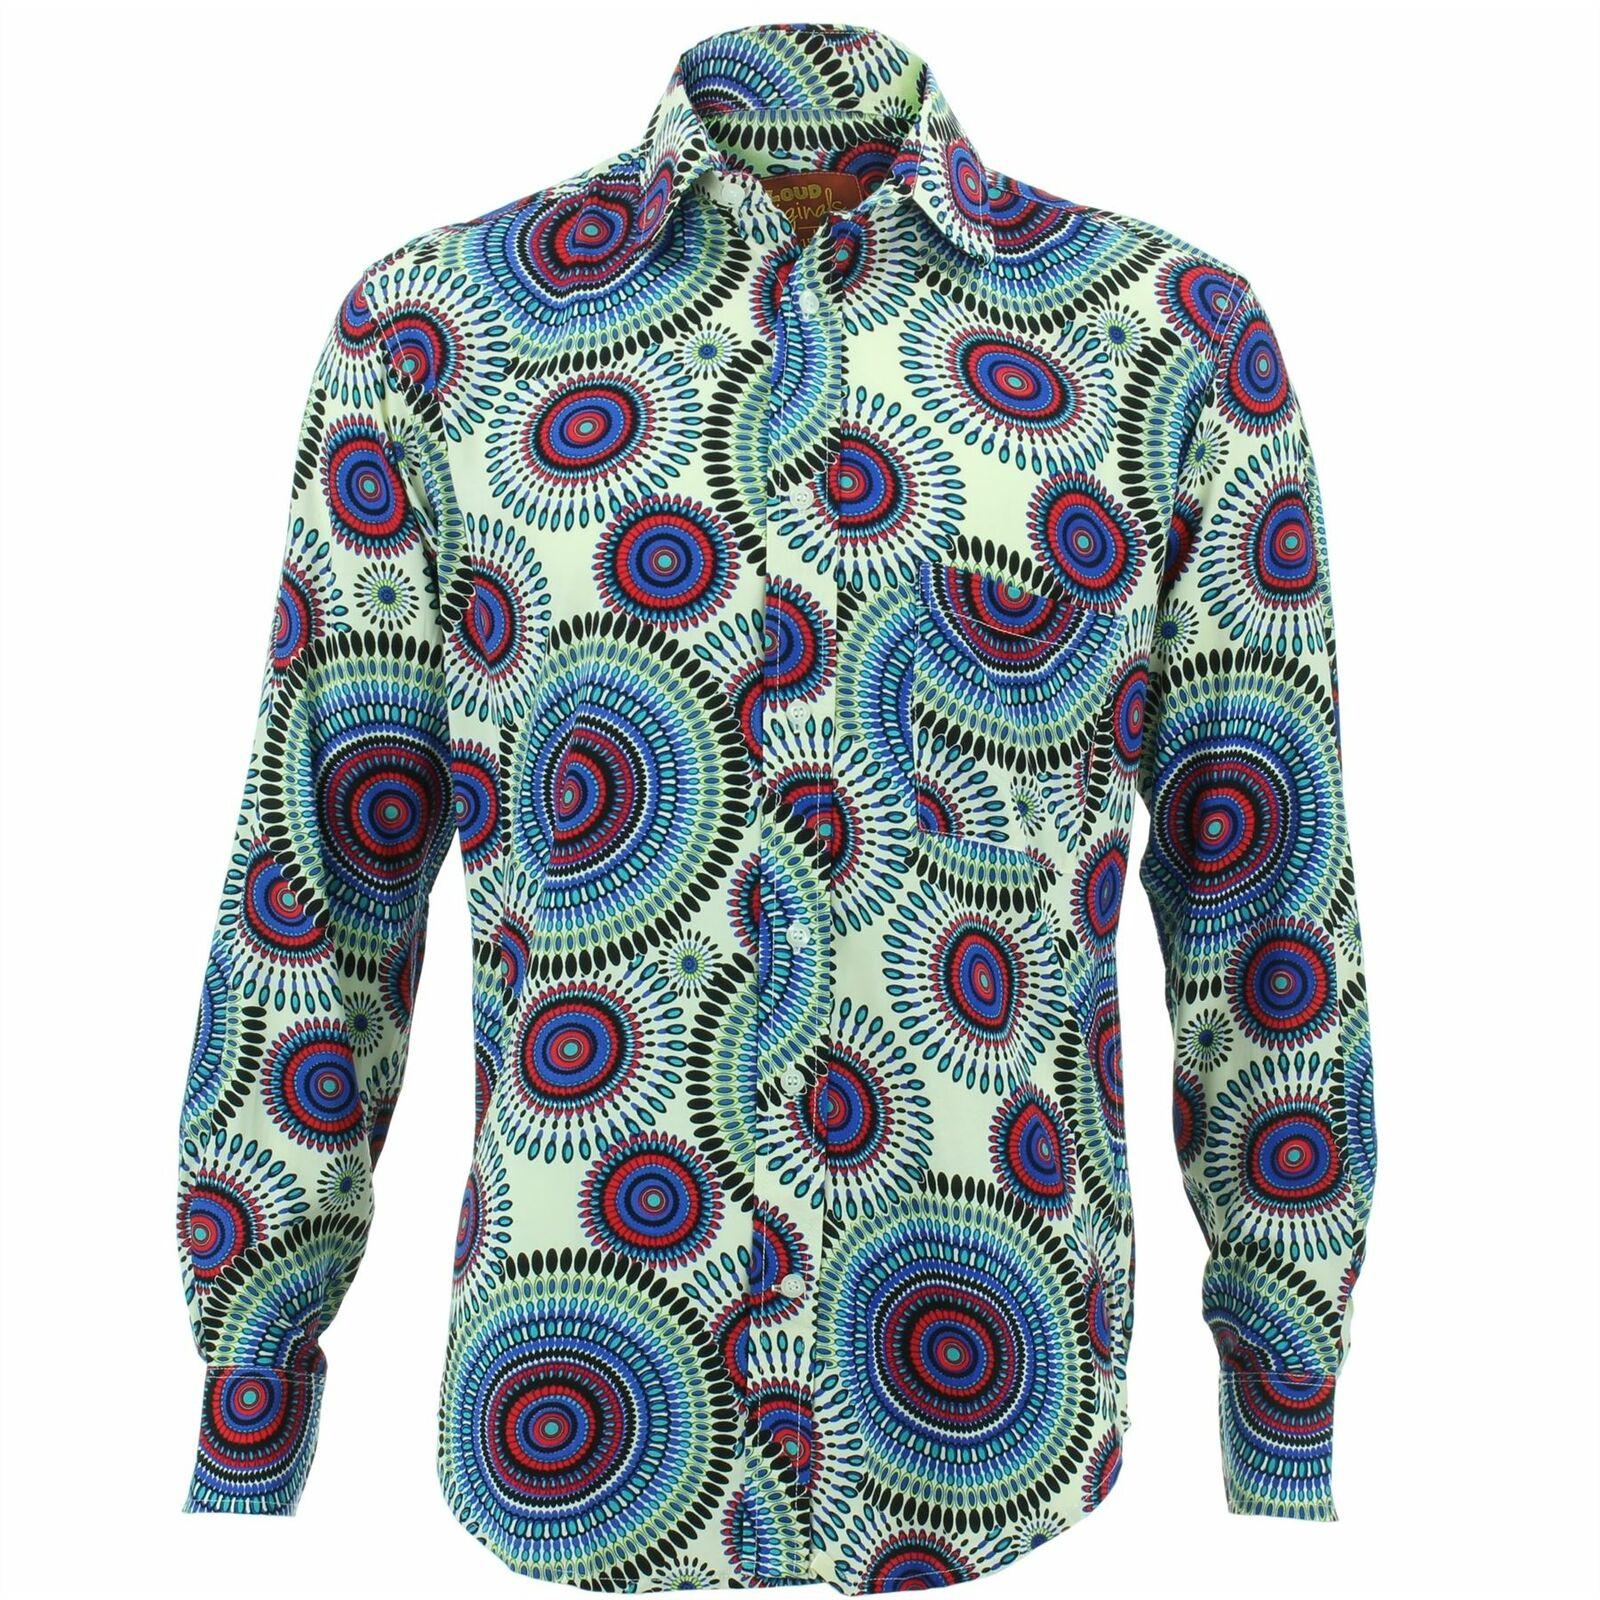 Camicia da uomo forte ORIGINALI REGULAR FIT Geometrico SPIRALI Geometrico  FIT Retrò Fantasia Psichedelica b219e1 134822344dc